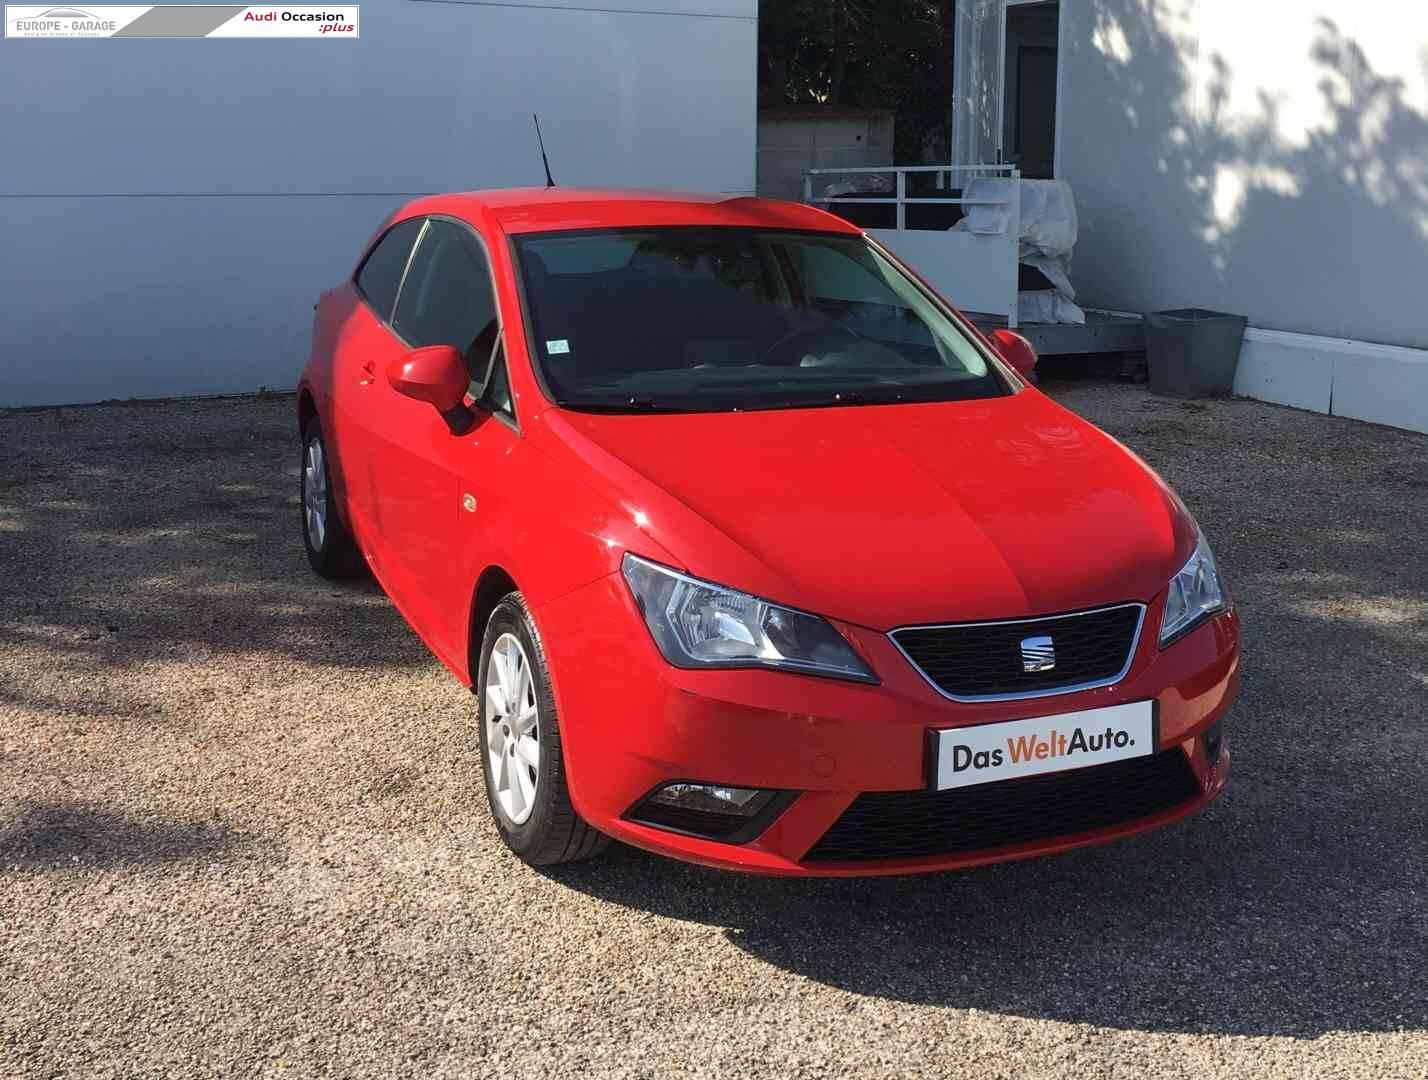 1 - Ibiza SC 1.2 TDI 75 CR FAP